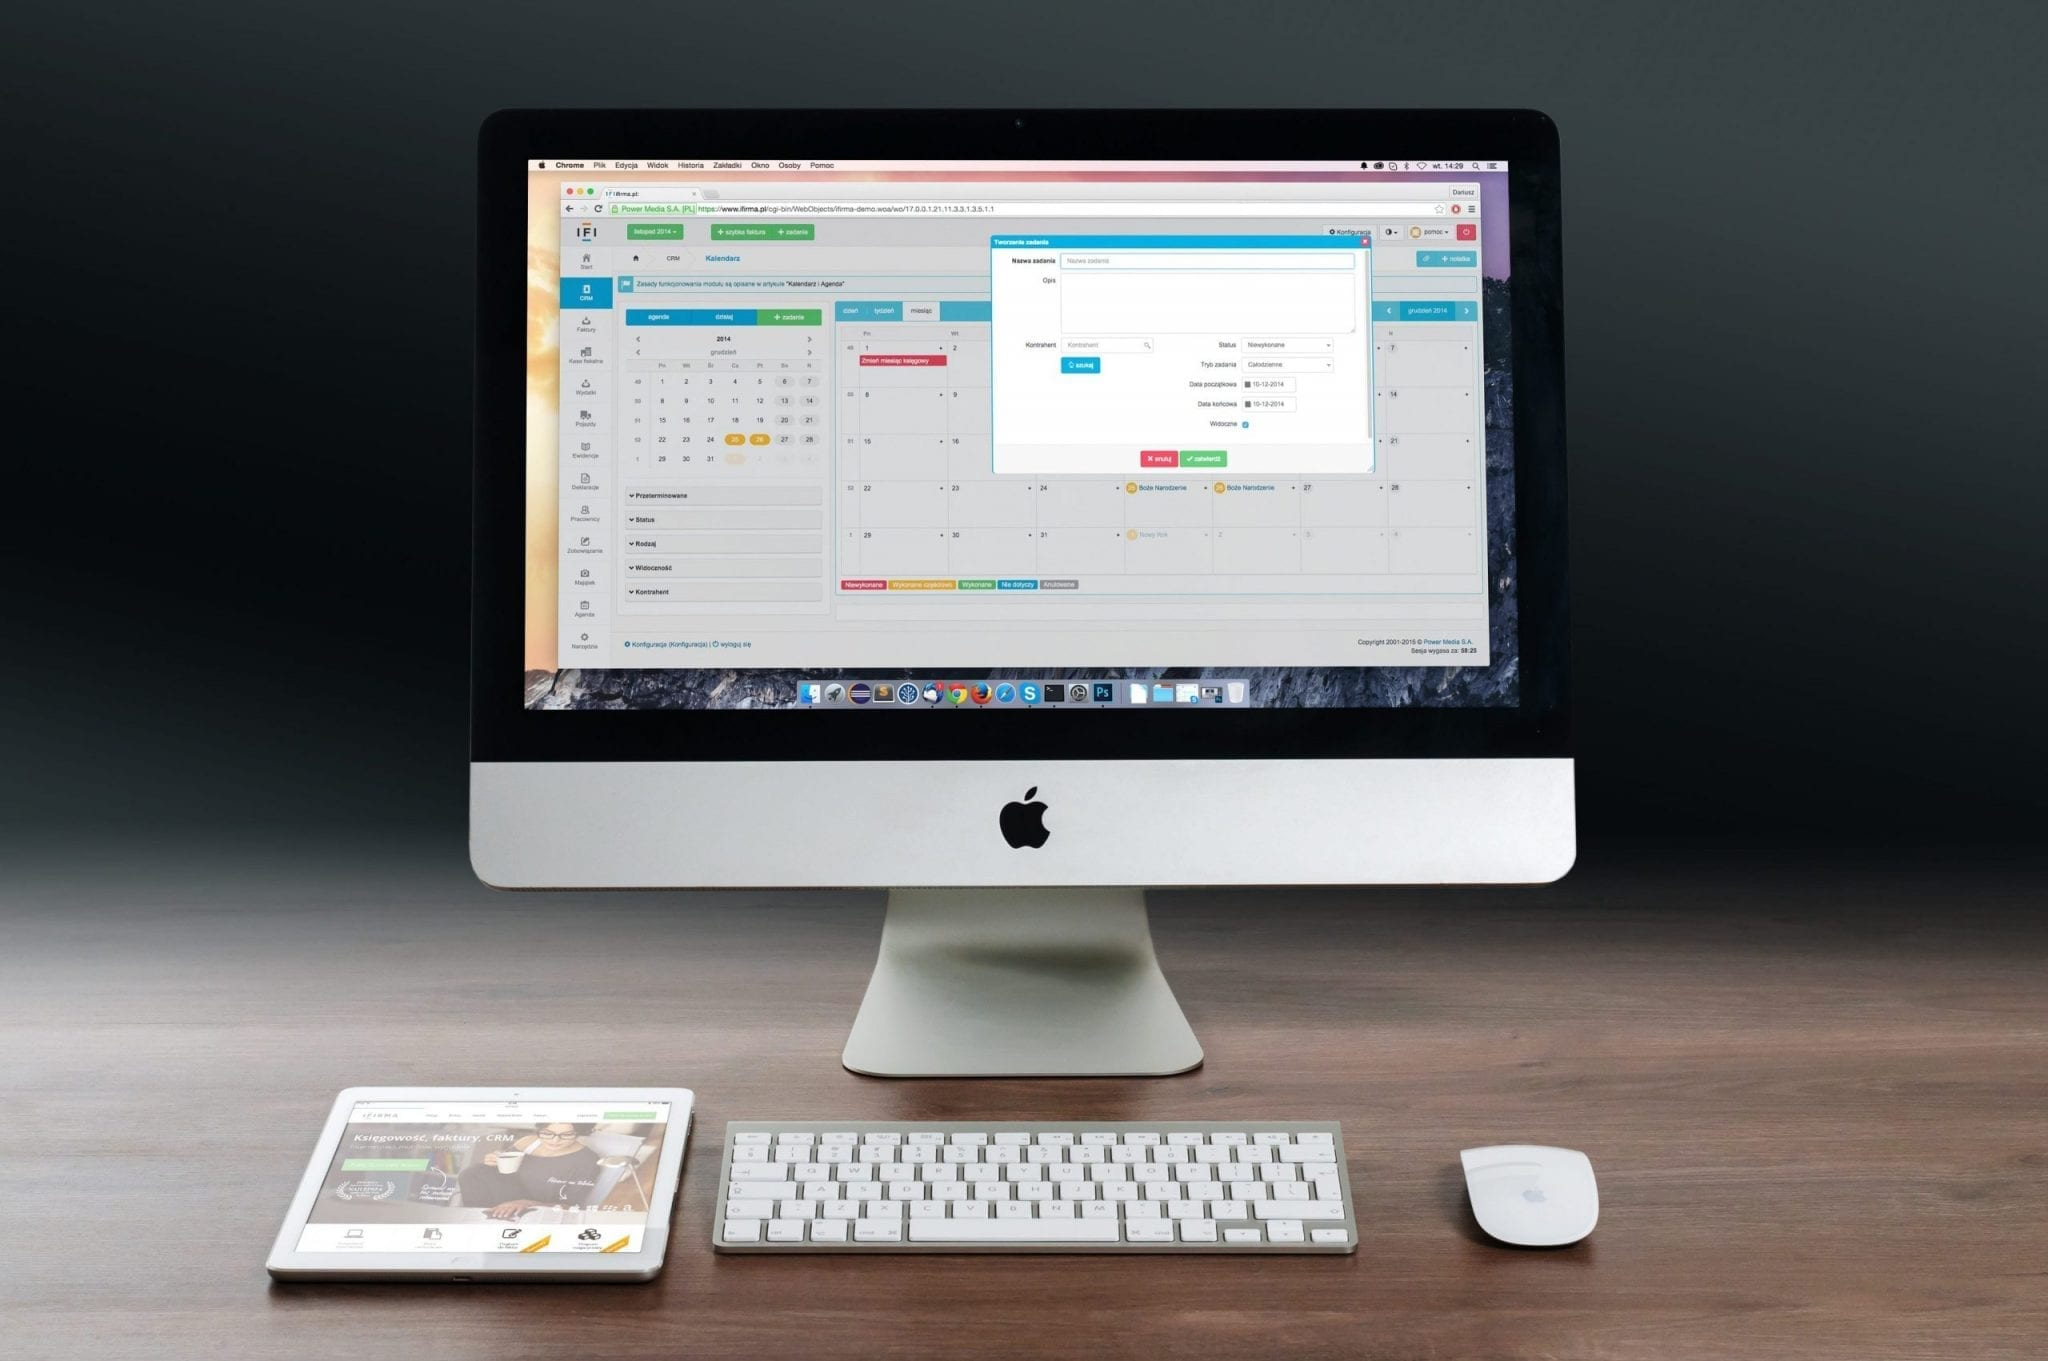 srs software requirements specification laptop mac ui mockup mock-up voorbeeld website srs